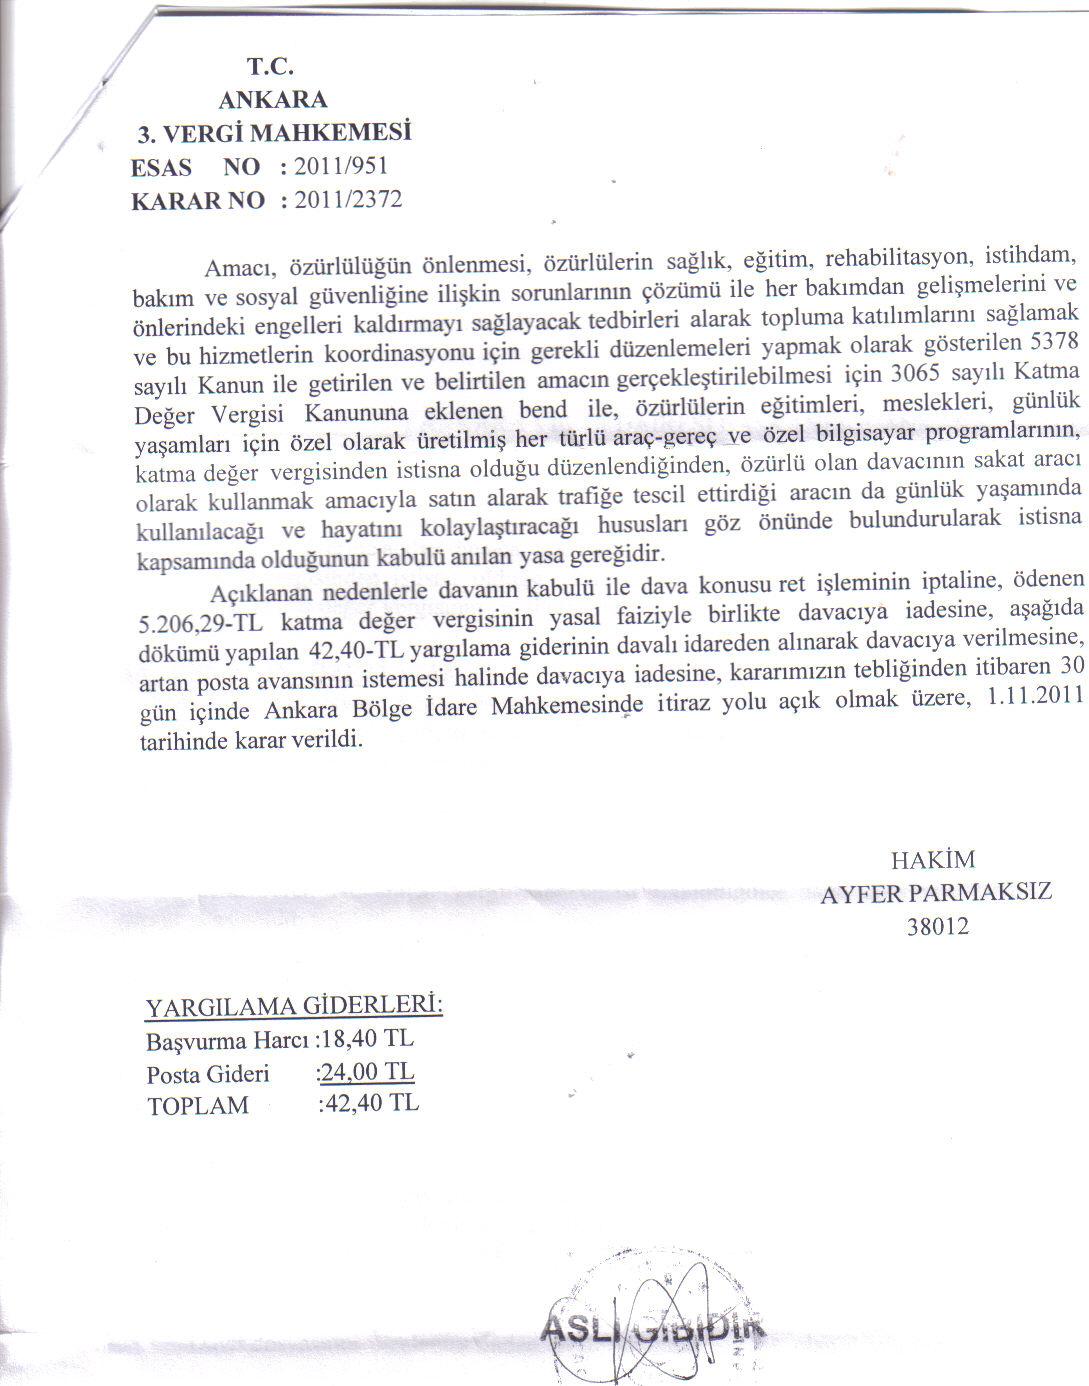 Ankara 3.VergiMahkemesi LehteKarar2 - Sakat statüsünde alınan araç için ödenen KDV'nin geri alınması işlemleri ve süreç